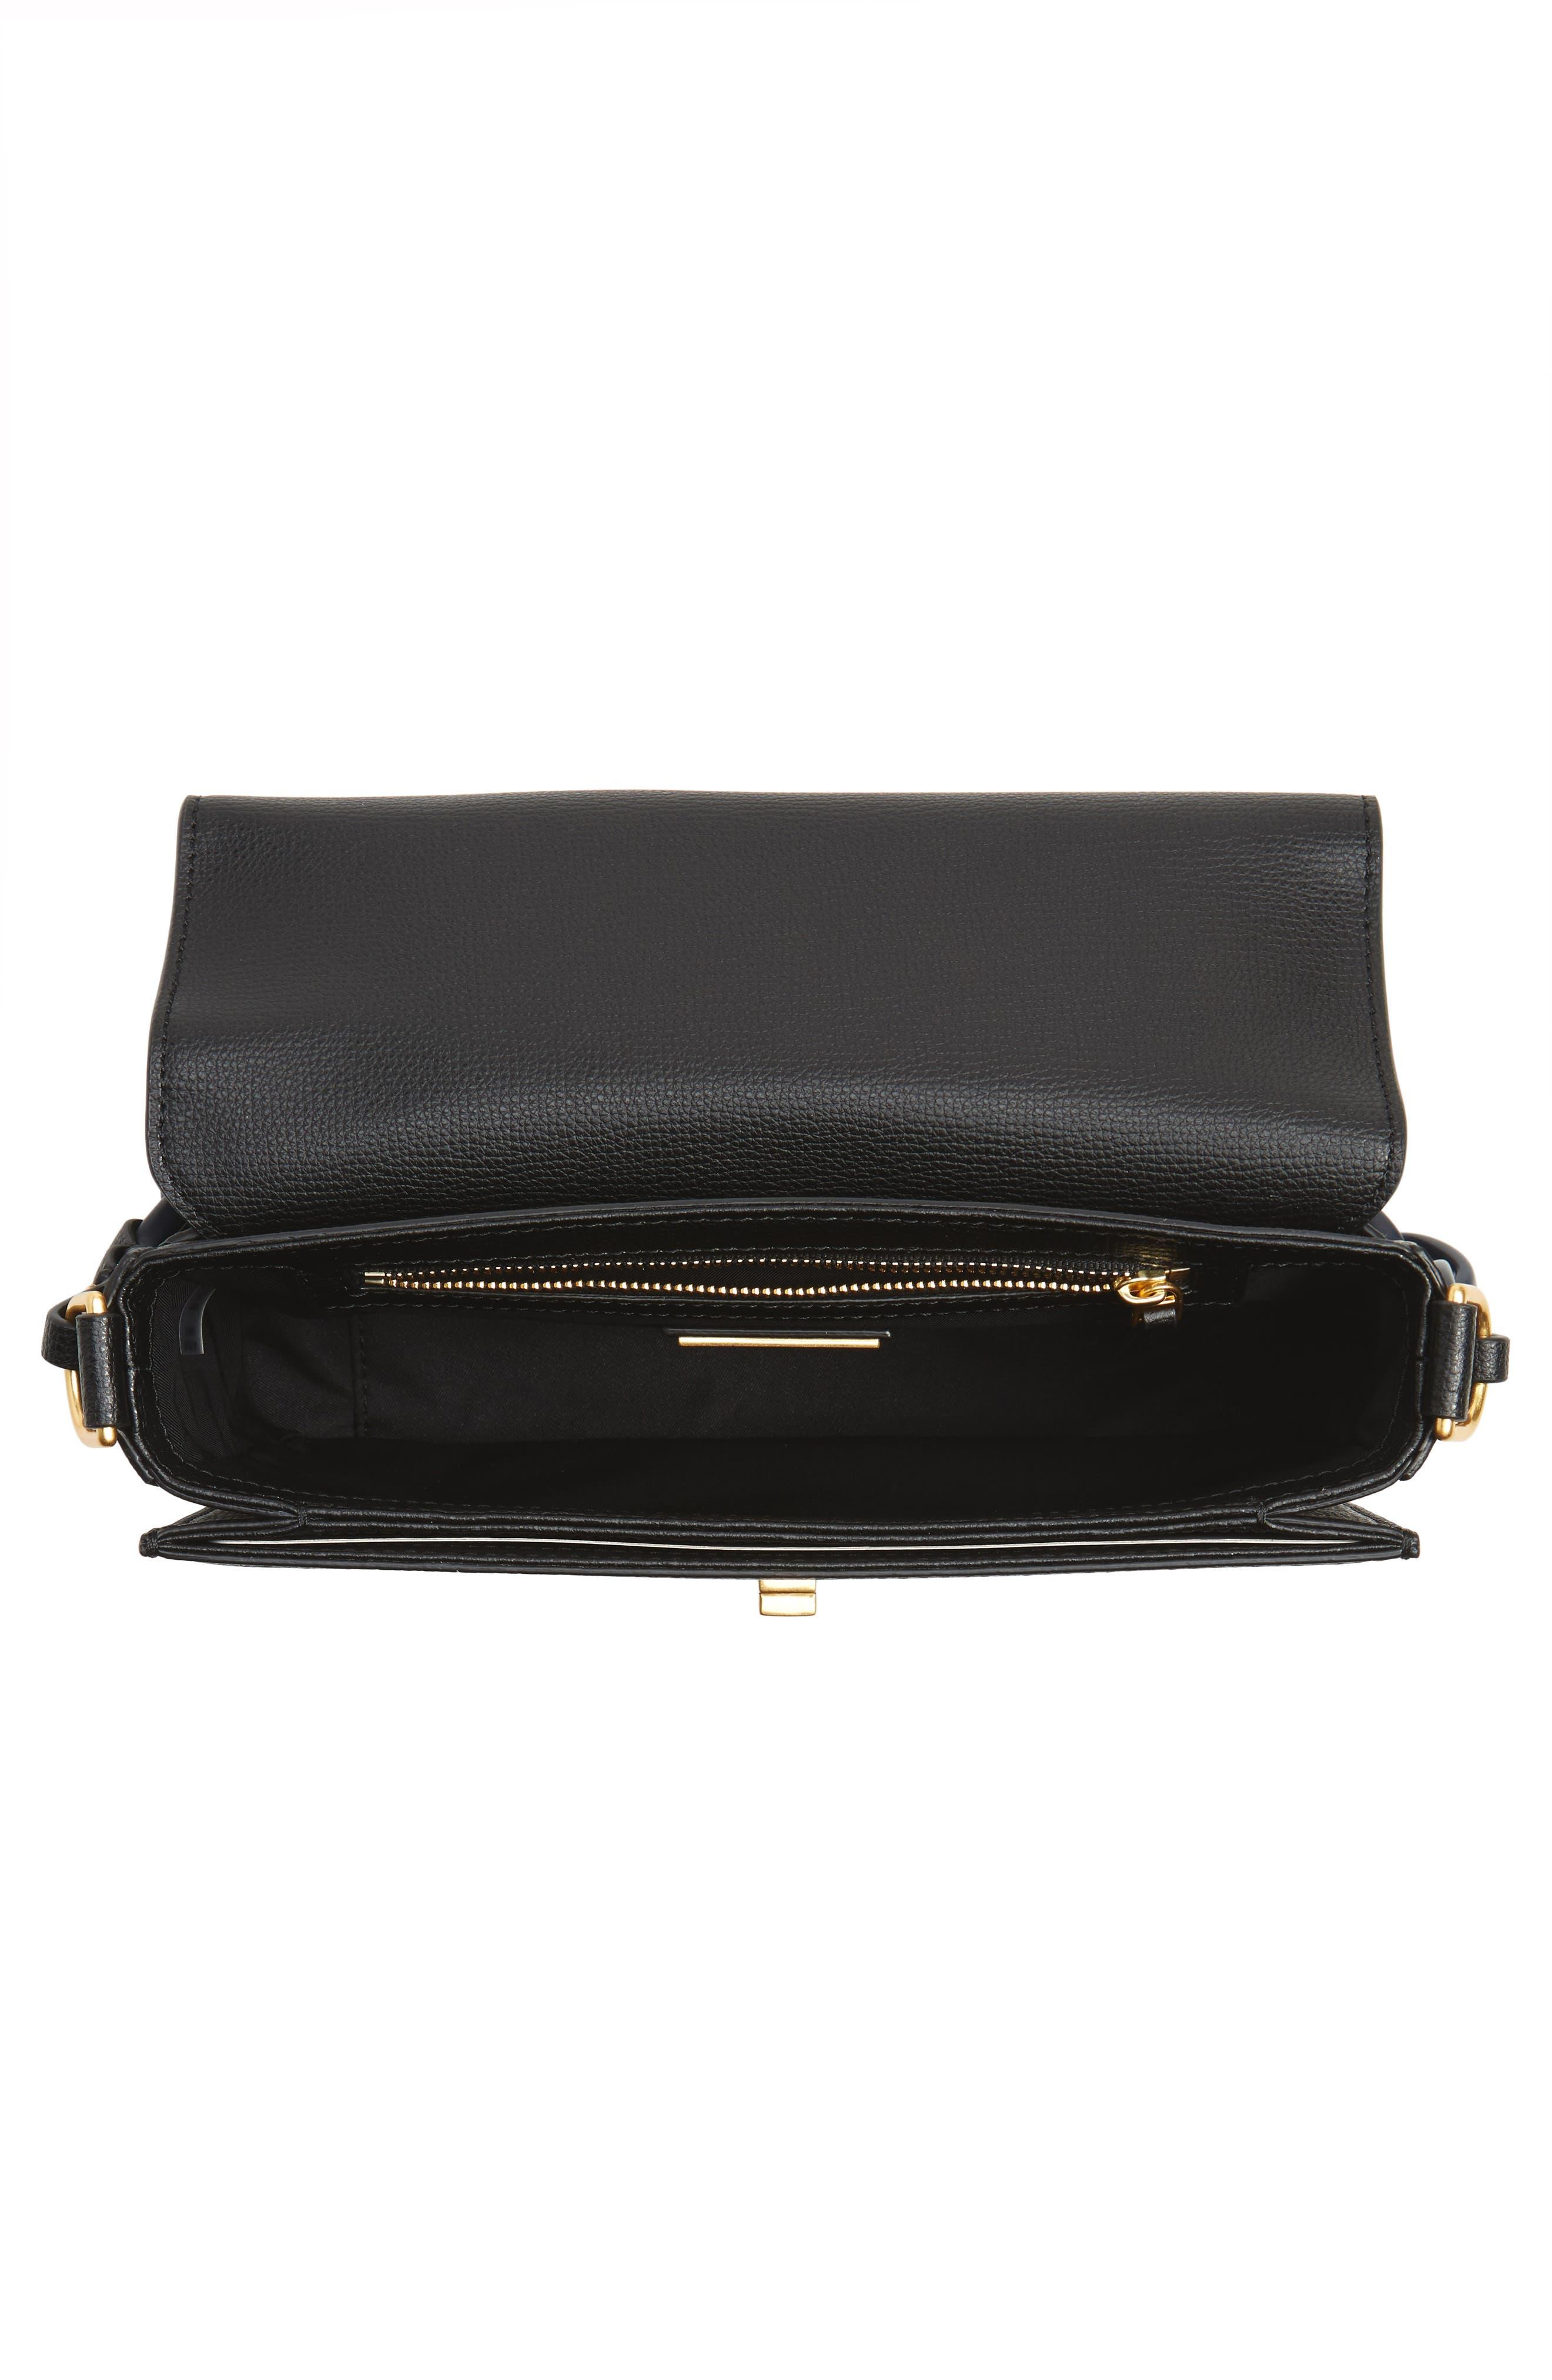 Kira Leather Shoulder Bag,                             Alternate thumbnail 5, color,                             BLACK